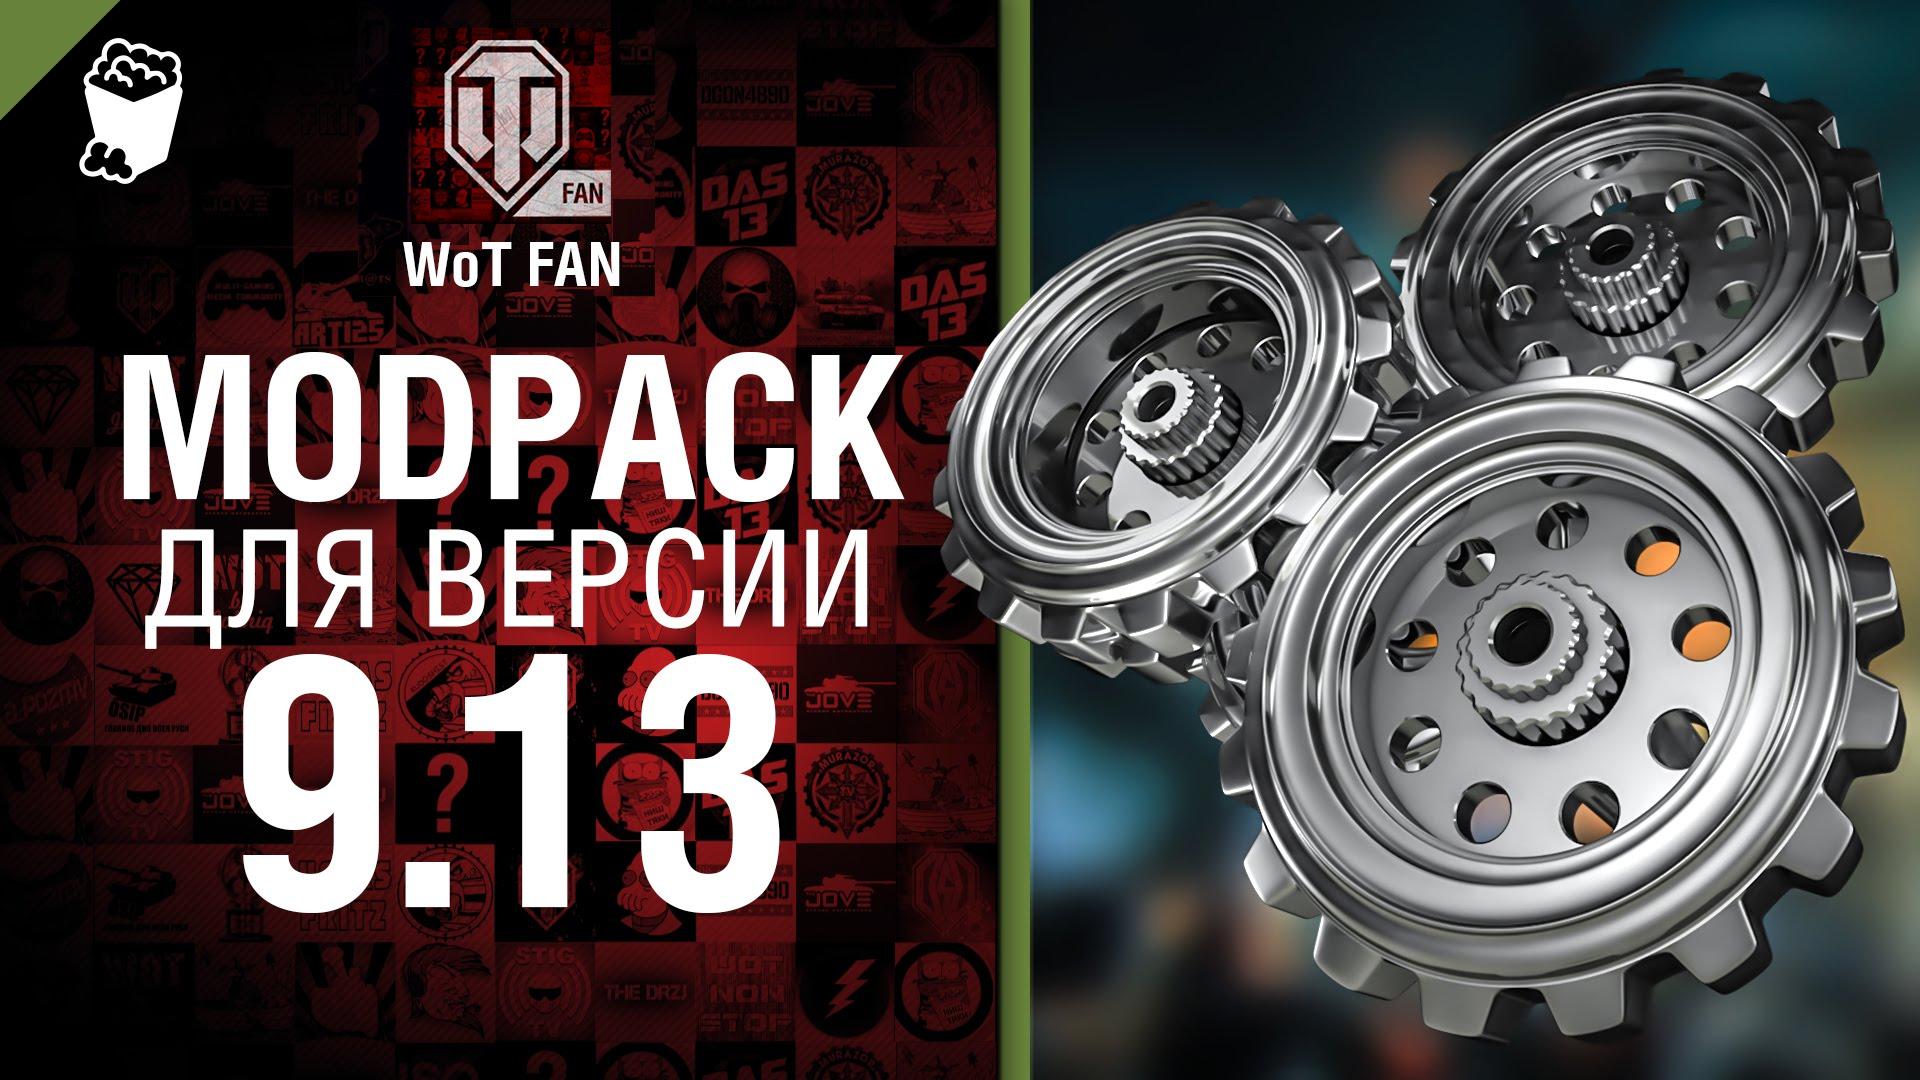 Скачать сборку модов от wot fan модпак для world of tanks 1. 4. 0. 1.